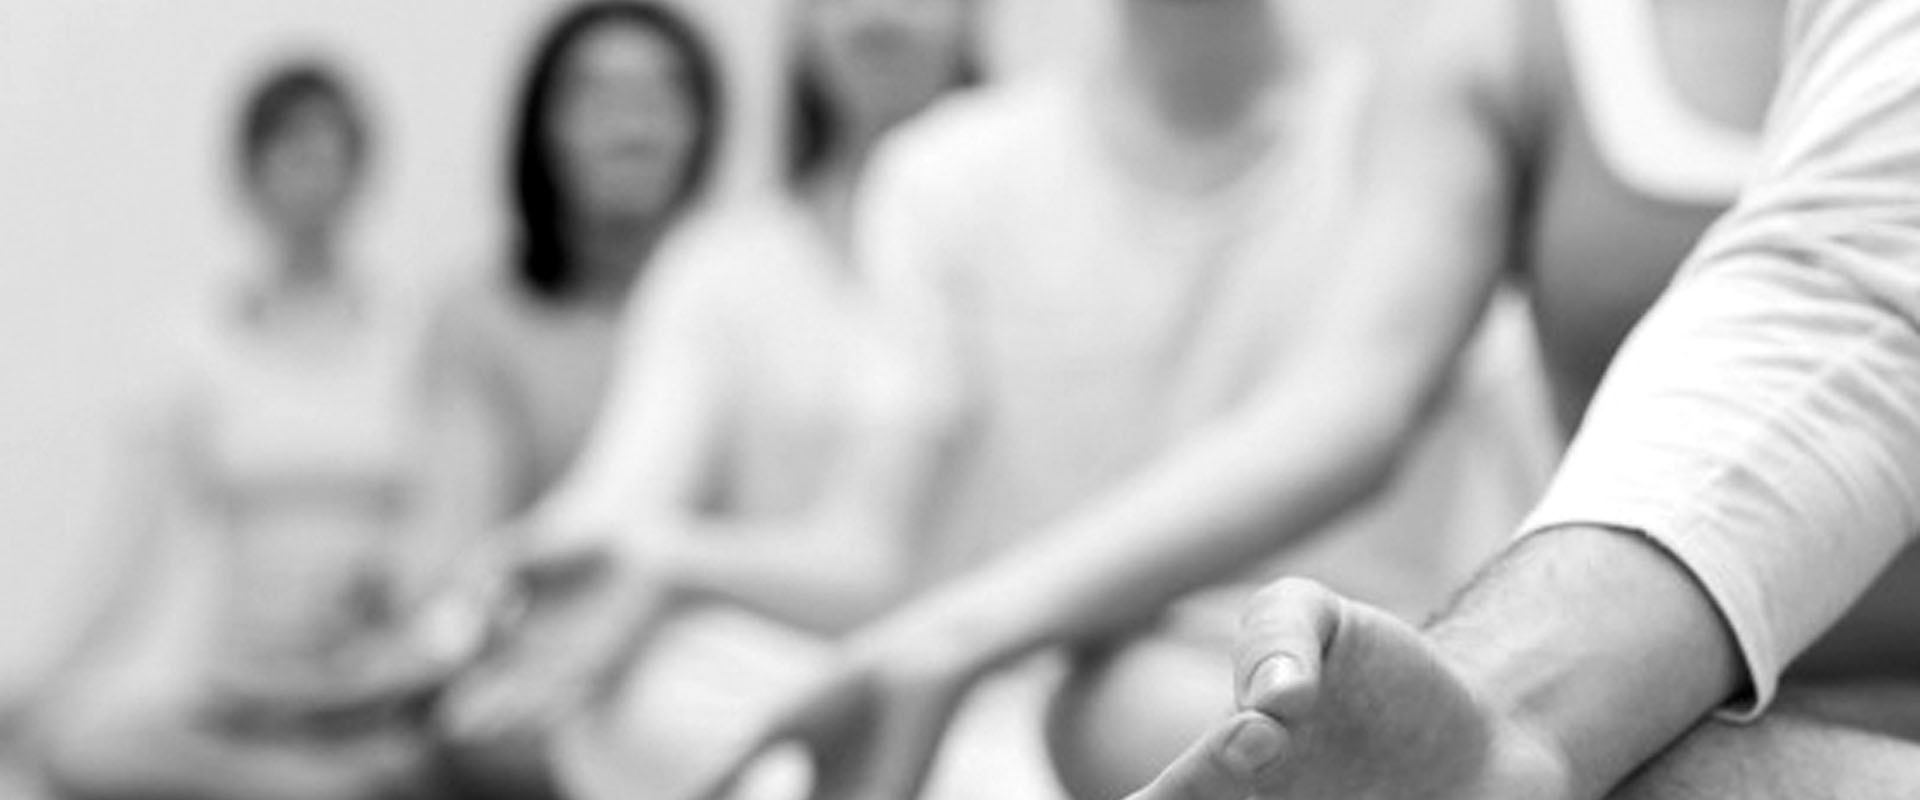 Gruppo gratuito meditazione attiva tenuto da Vipal B&B & Meditation Center Zorba il Buddha Passerano Marmorito Asti